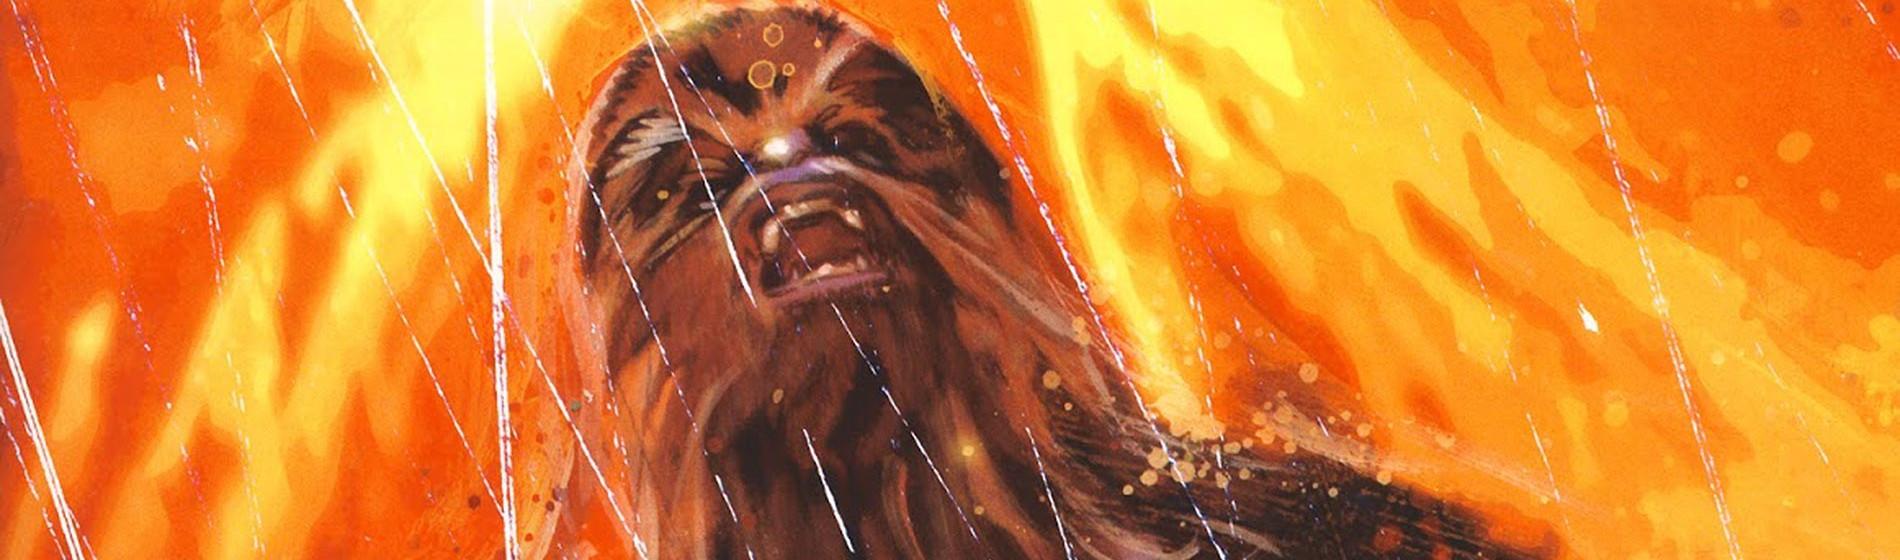 Chewbacca Death Sernpidal